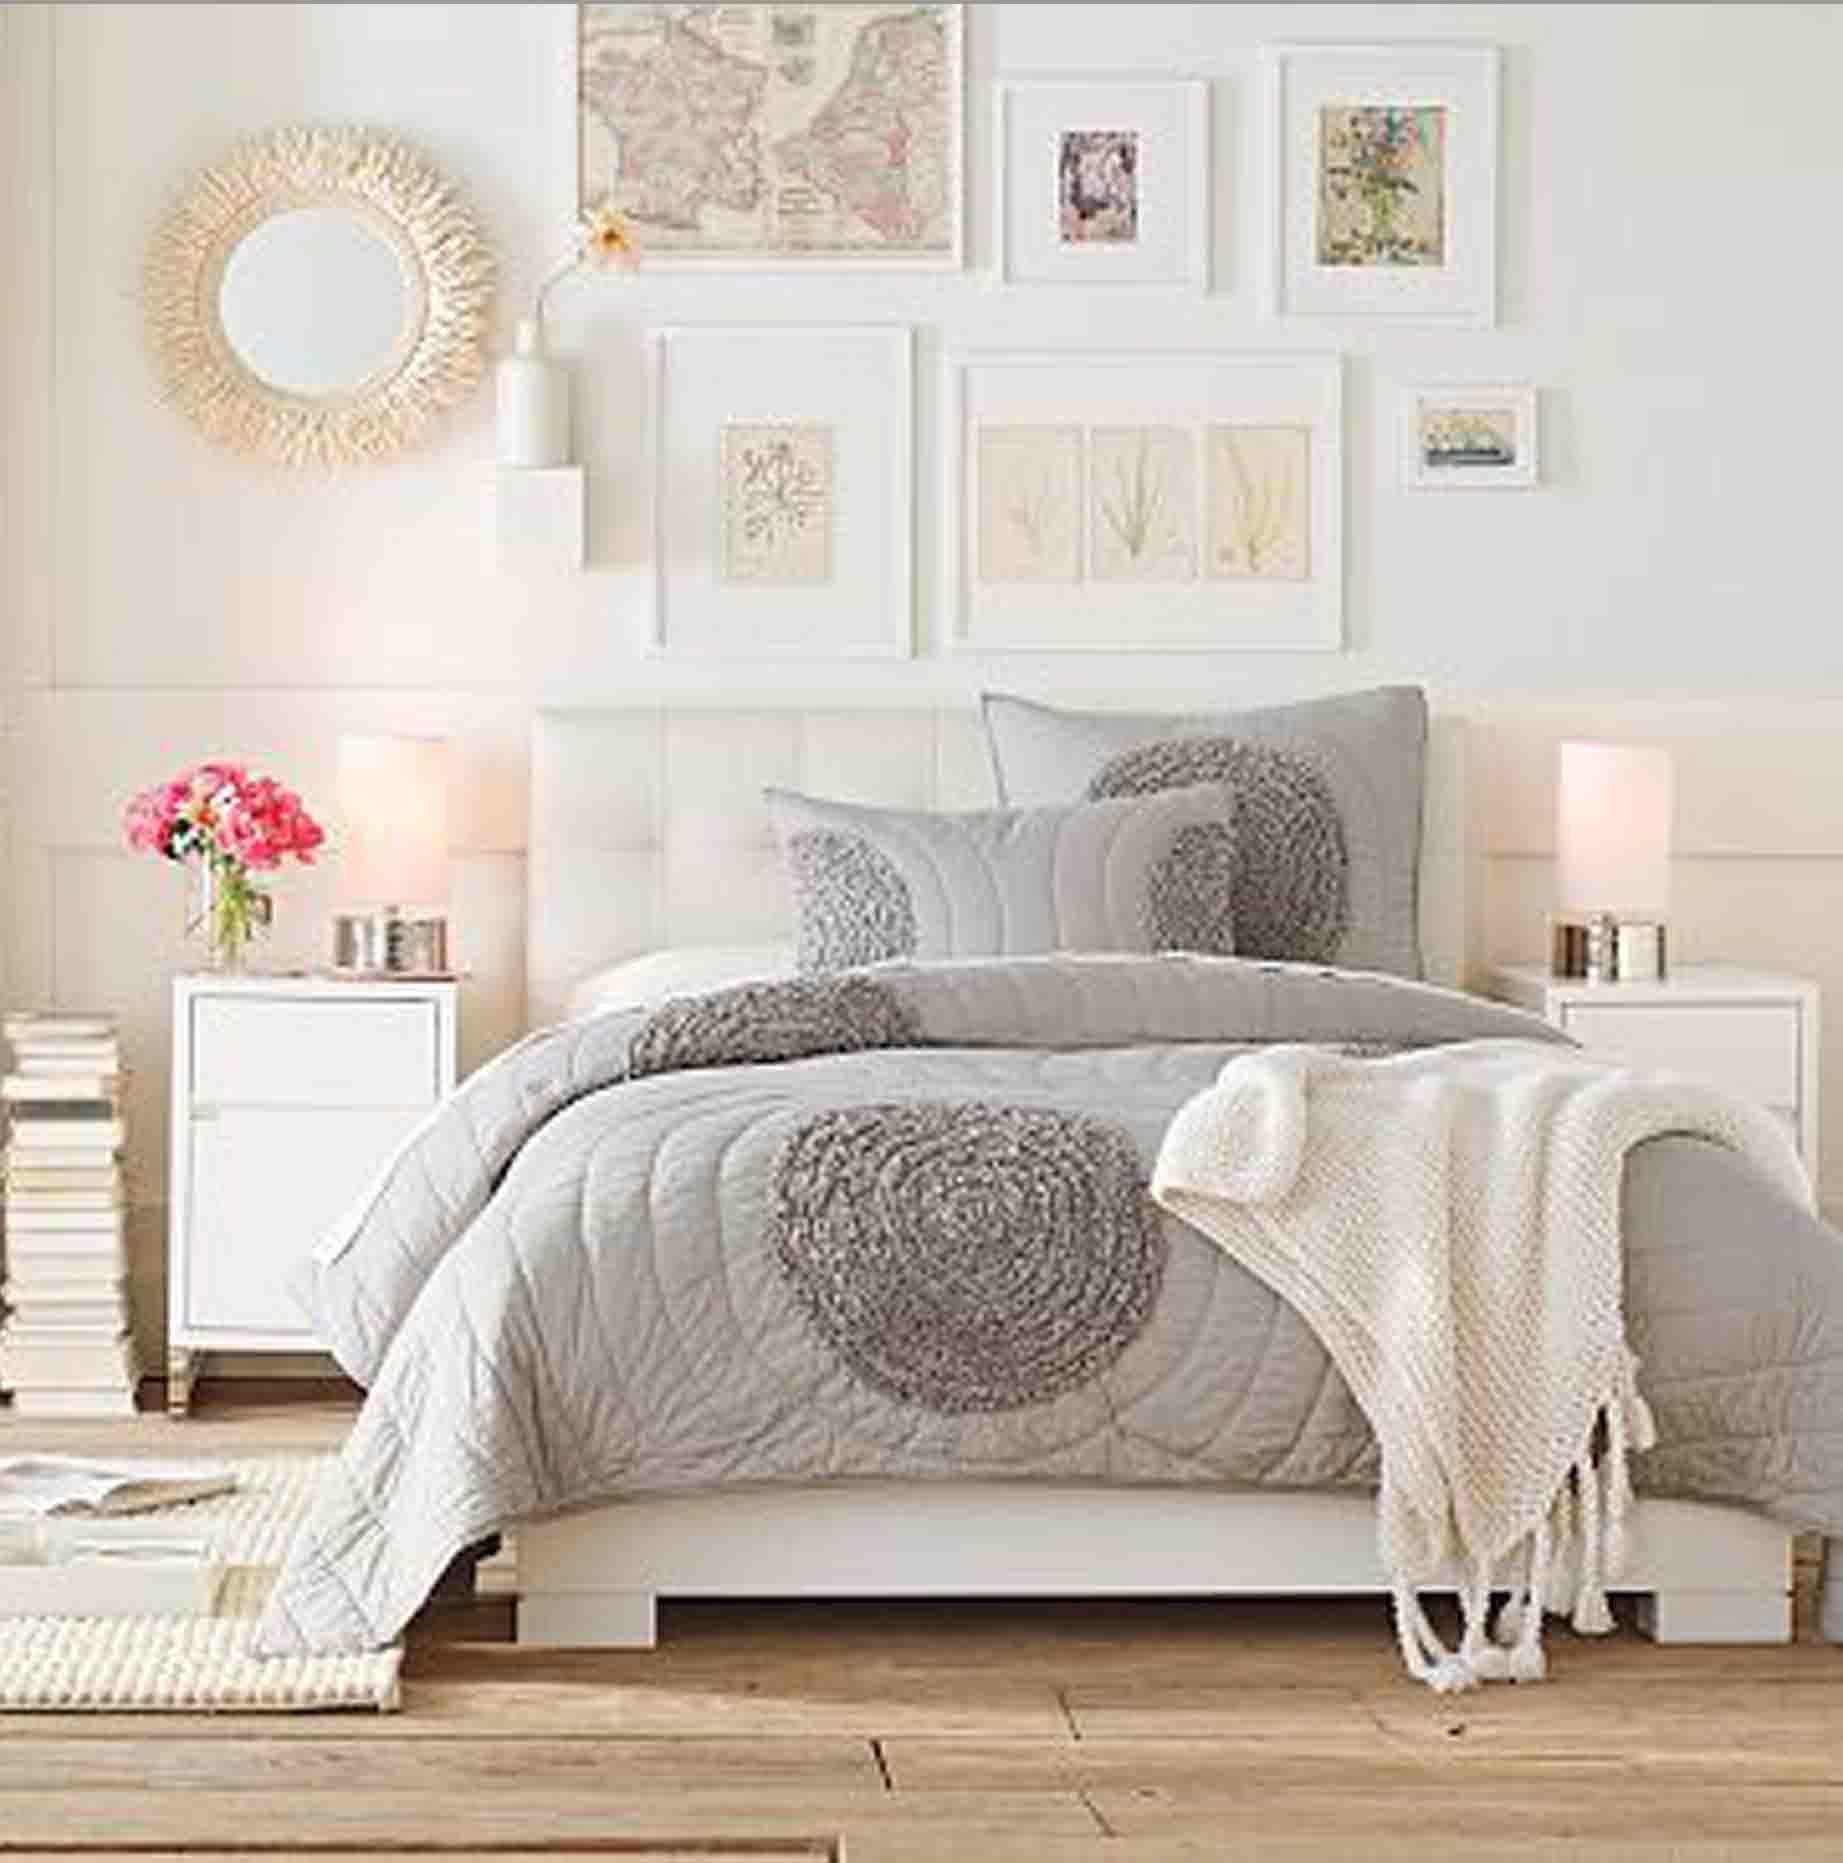 camas  Palavra de Melinda  Romantic bedroom design, Home bedroom